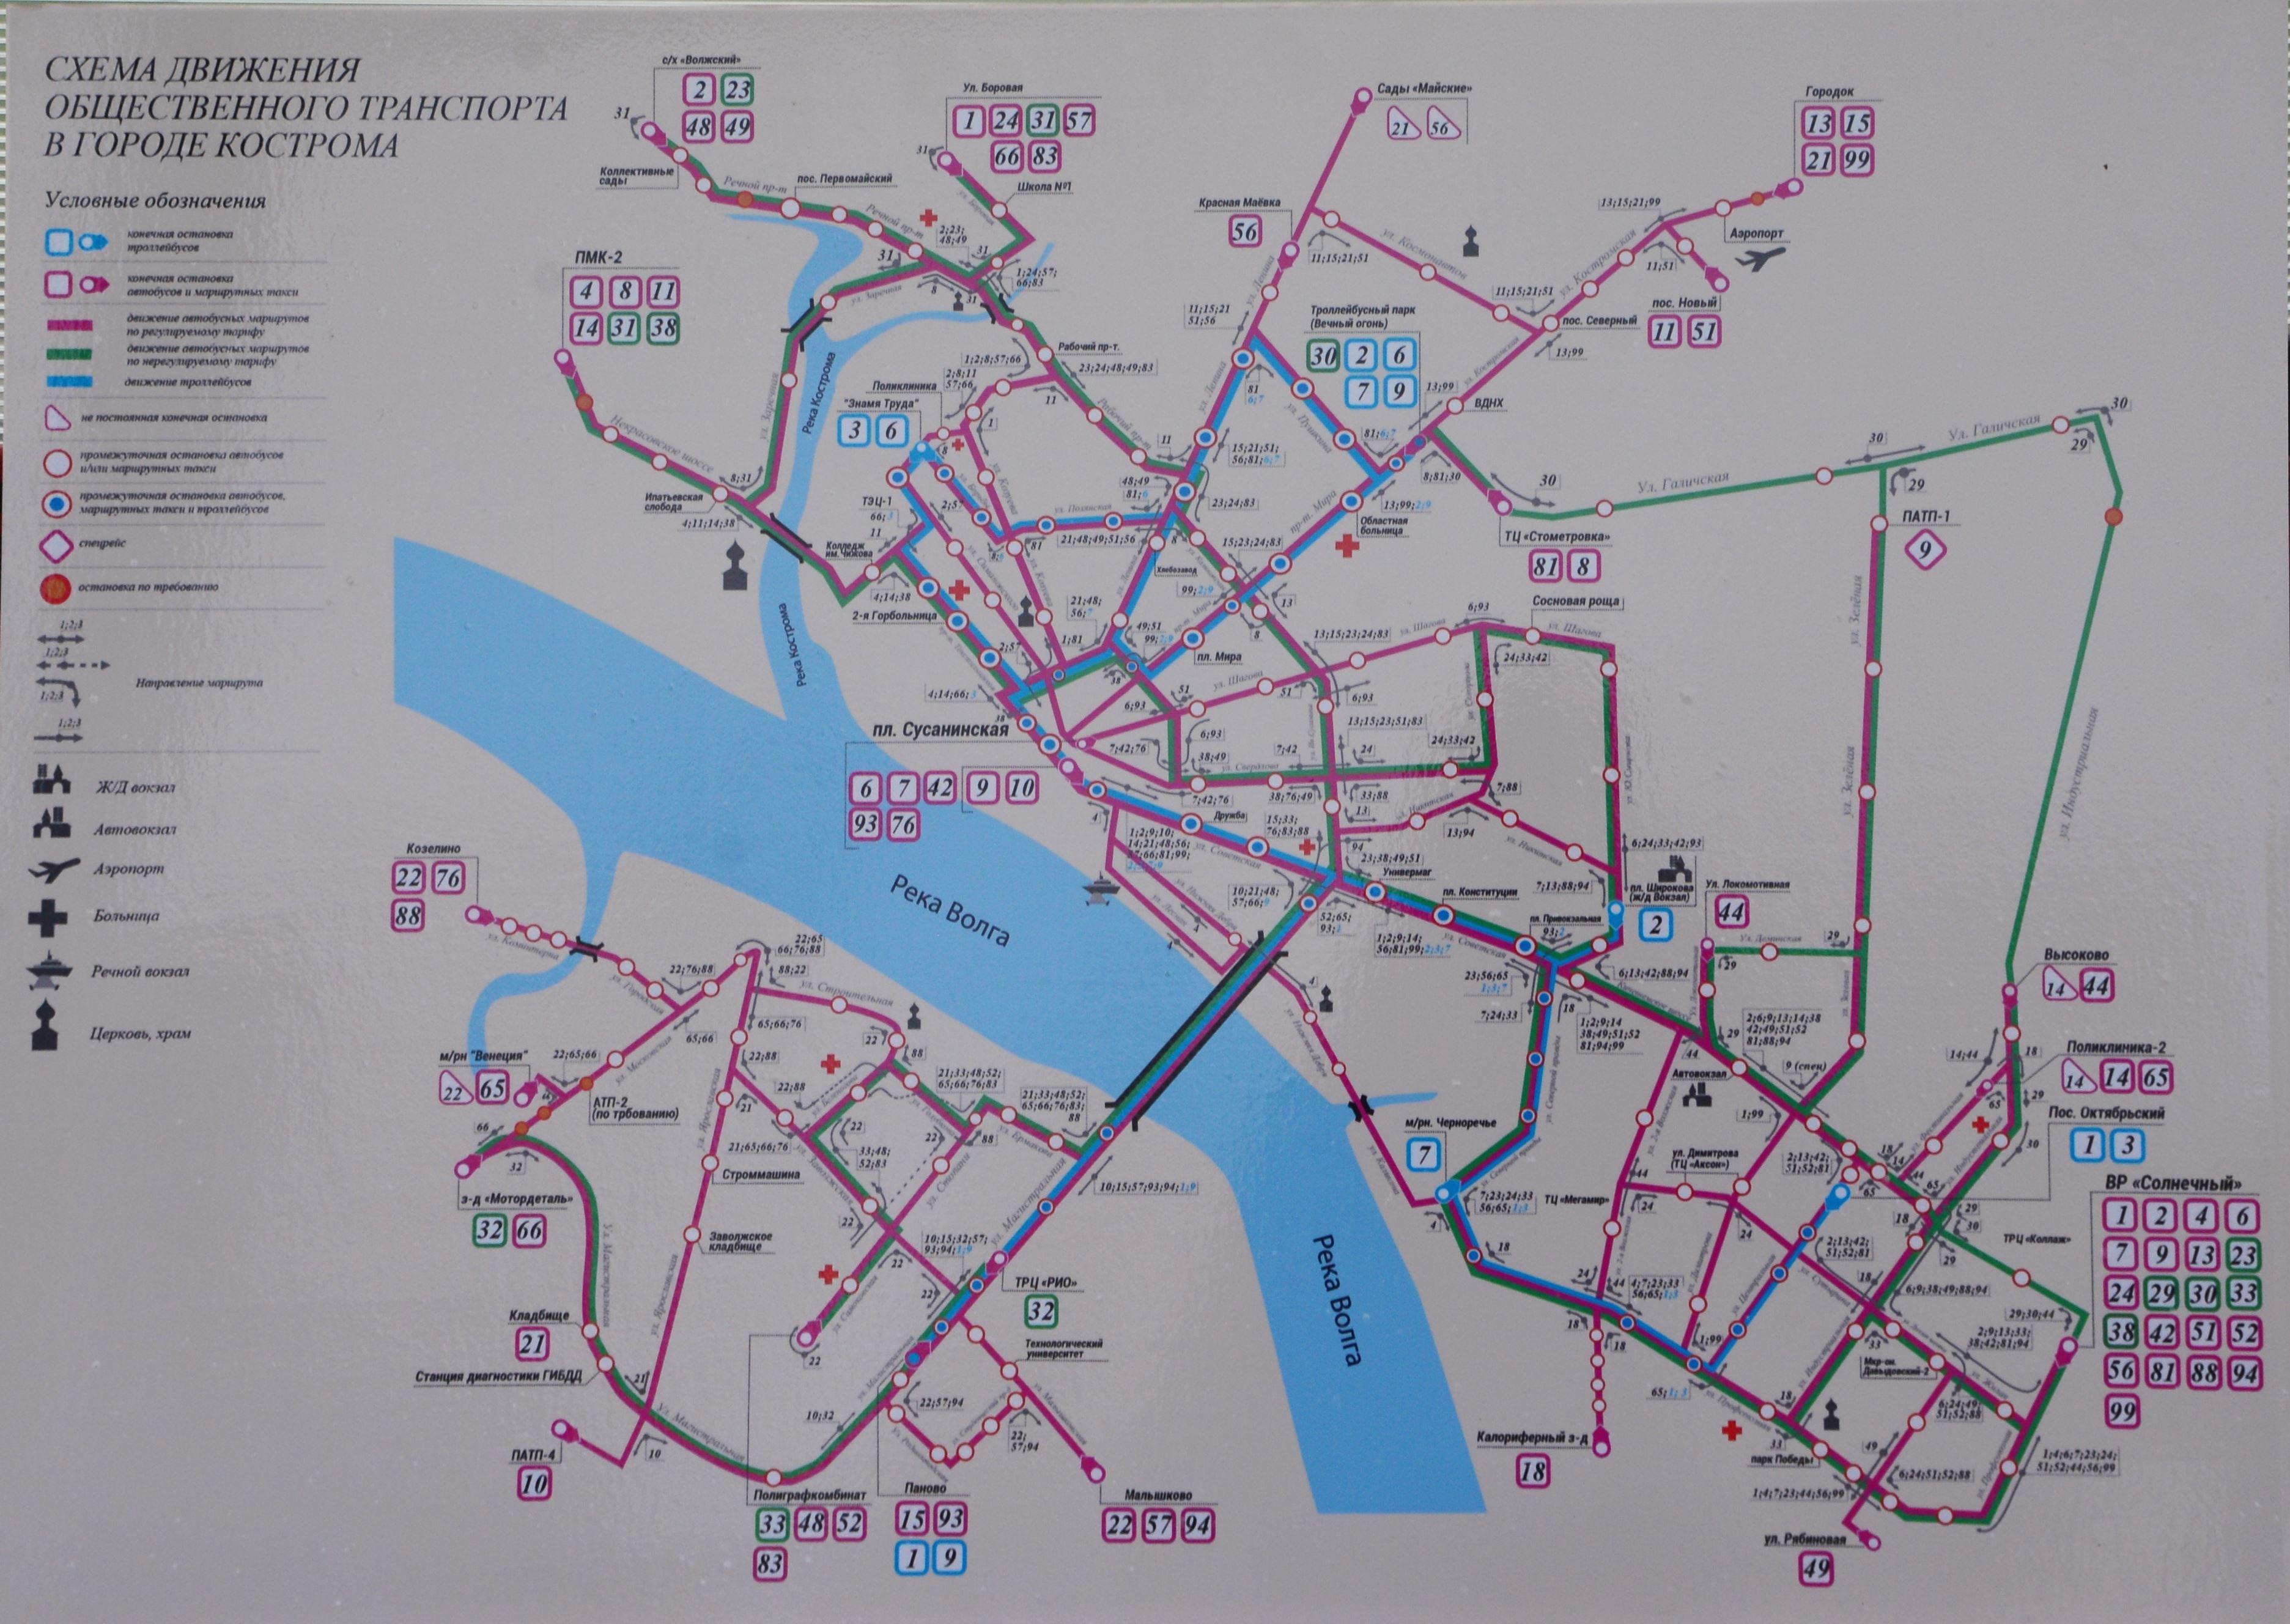 Схема движения автобусов в жлобине на